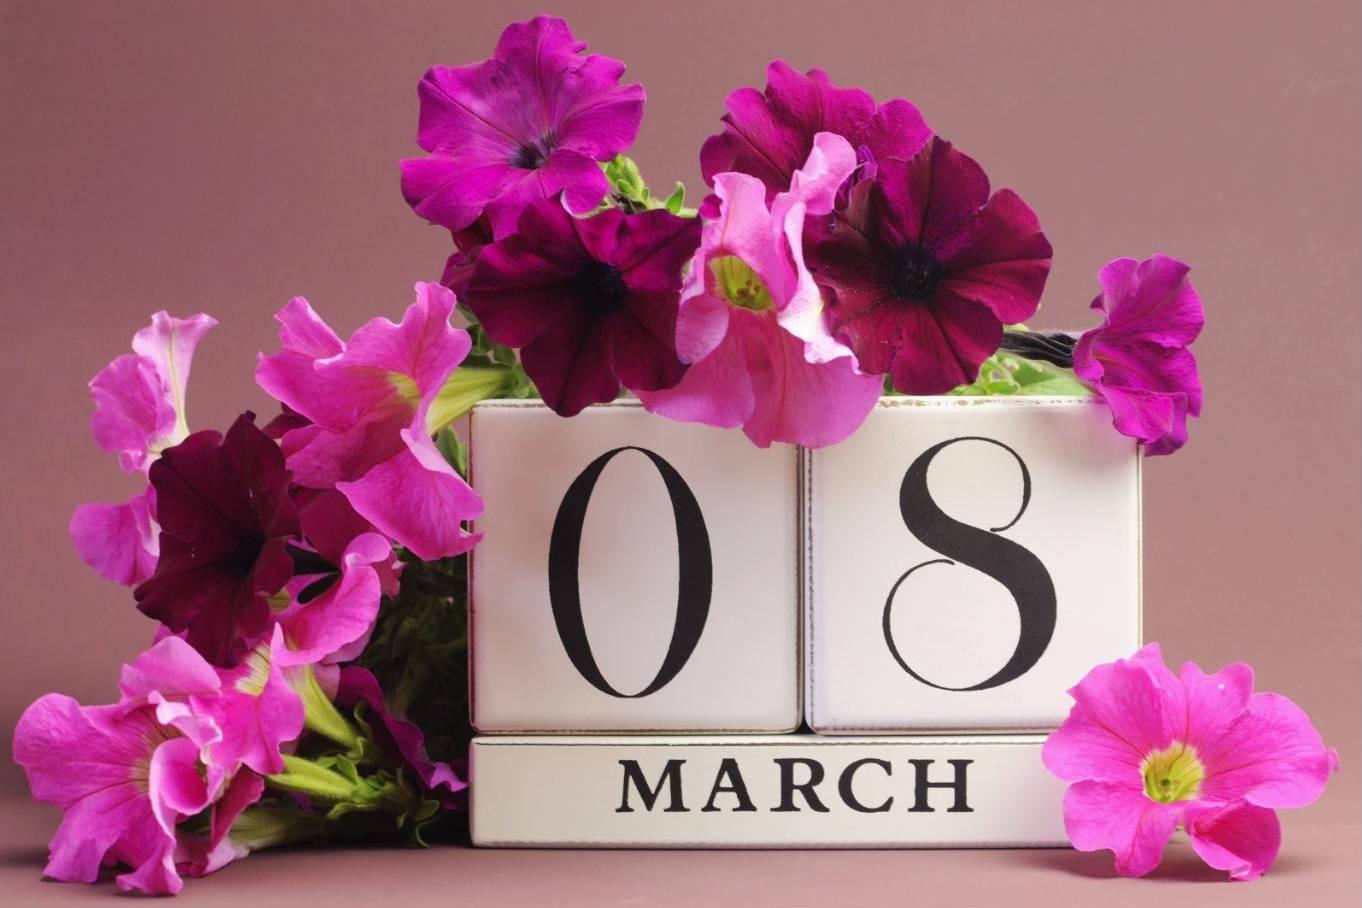 Lời chúc ngày 8/3 ý nghĩa nhất tặng mẹ, vợ, người yêu, em gái... bằng tiếng Anh và tiếng Việt